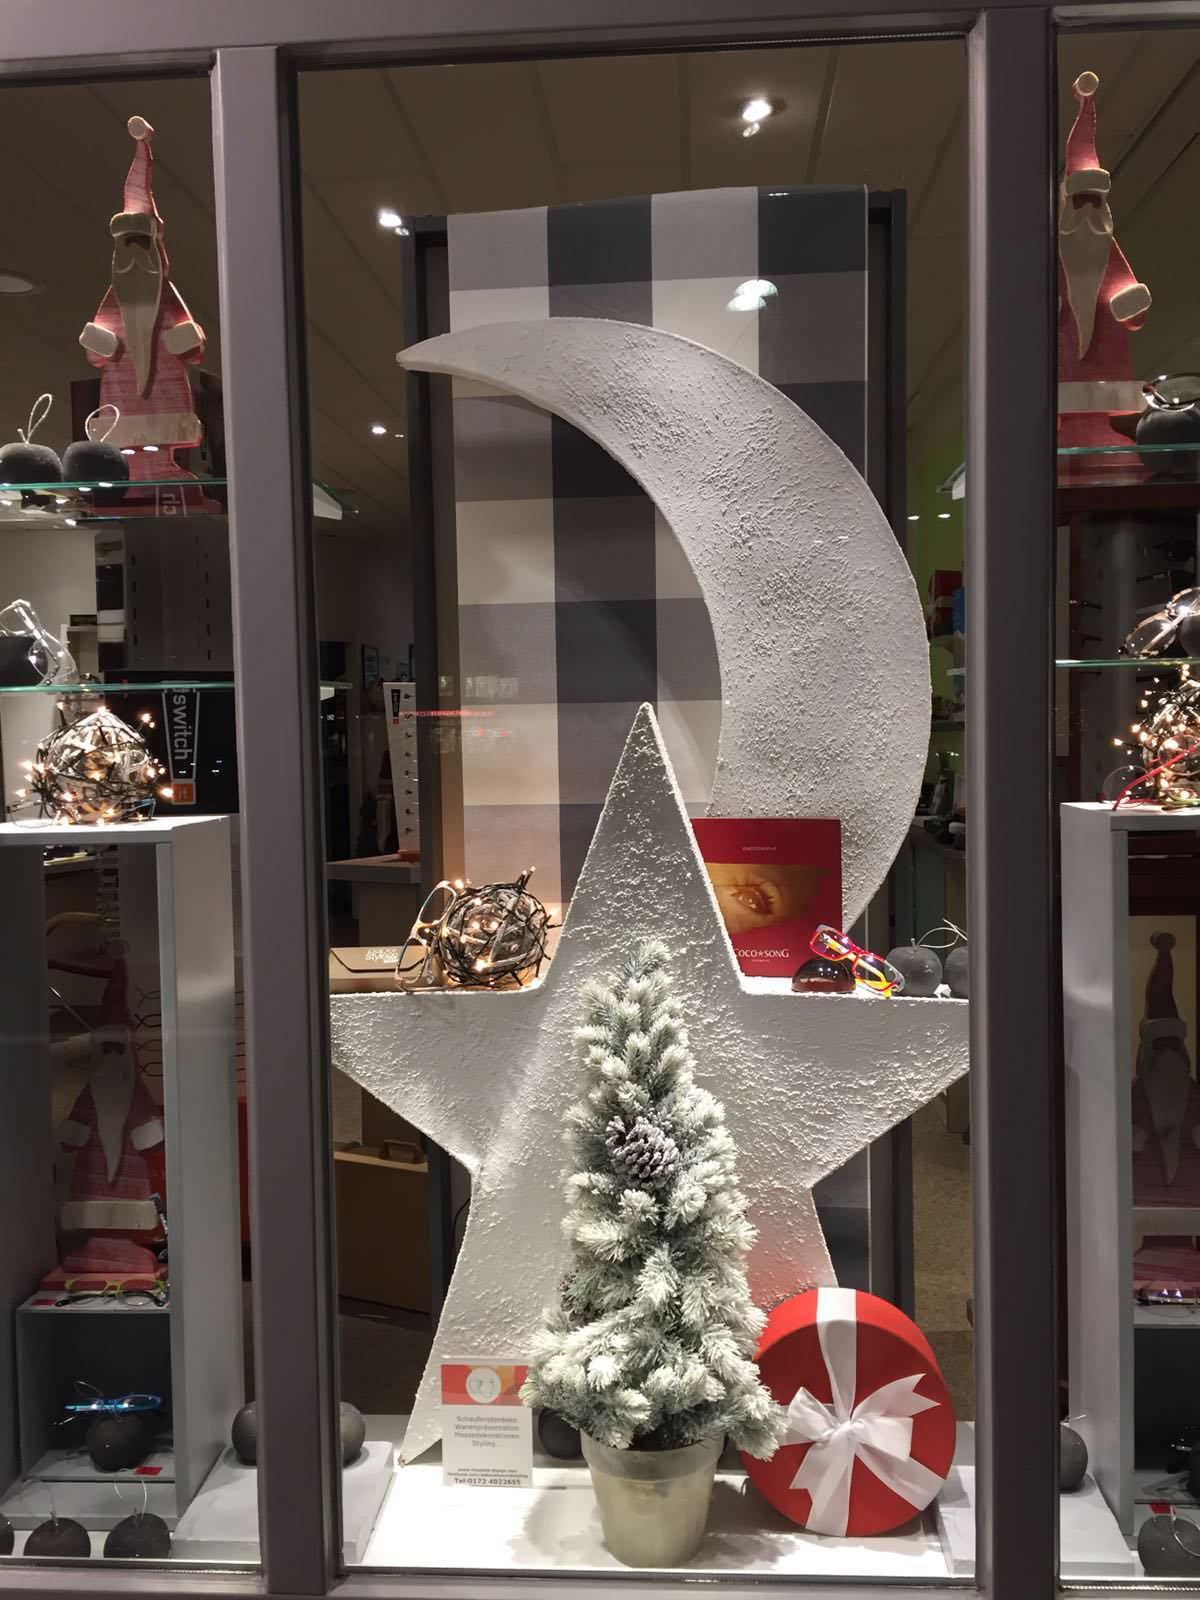 BrillenBube in Bad Bramstedt - Weihnachtsdekoration